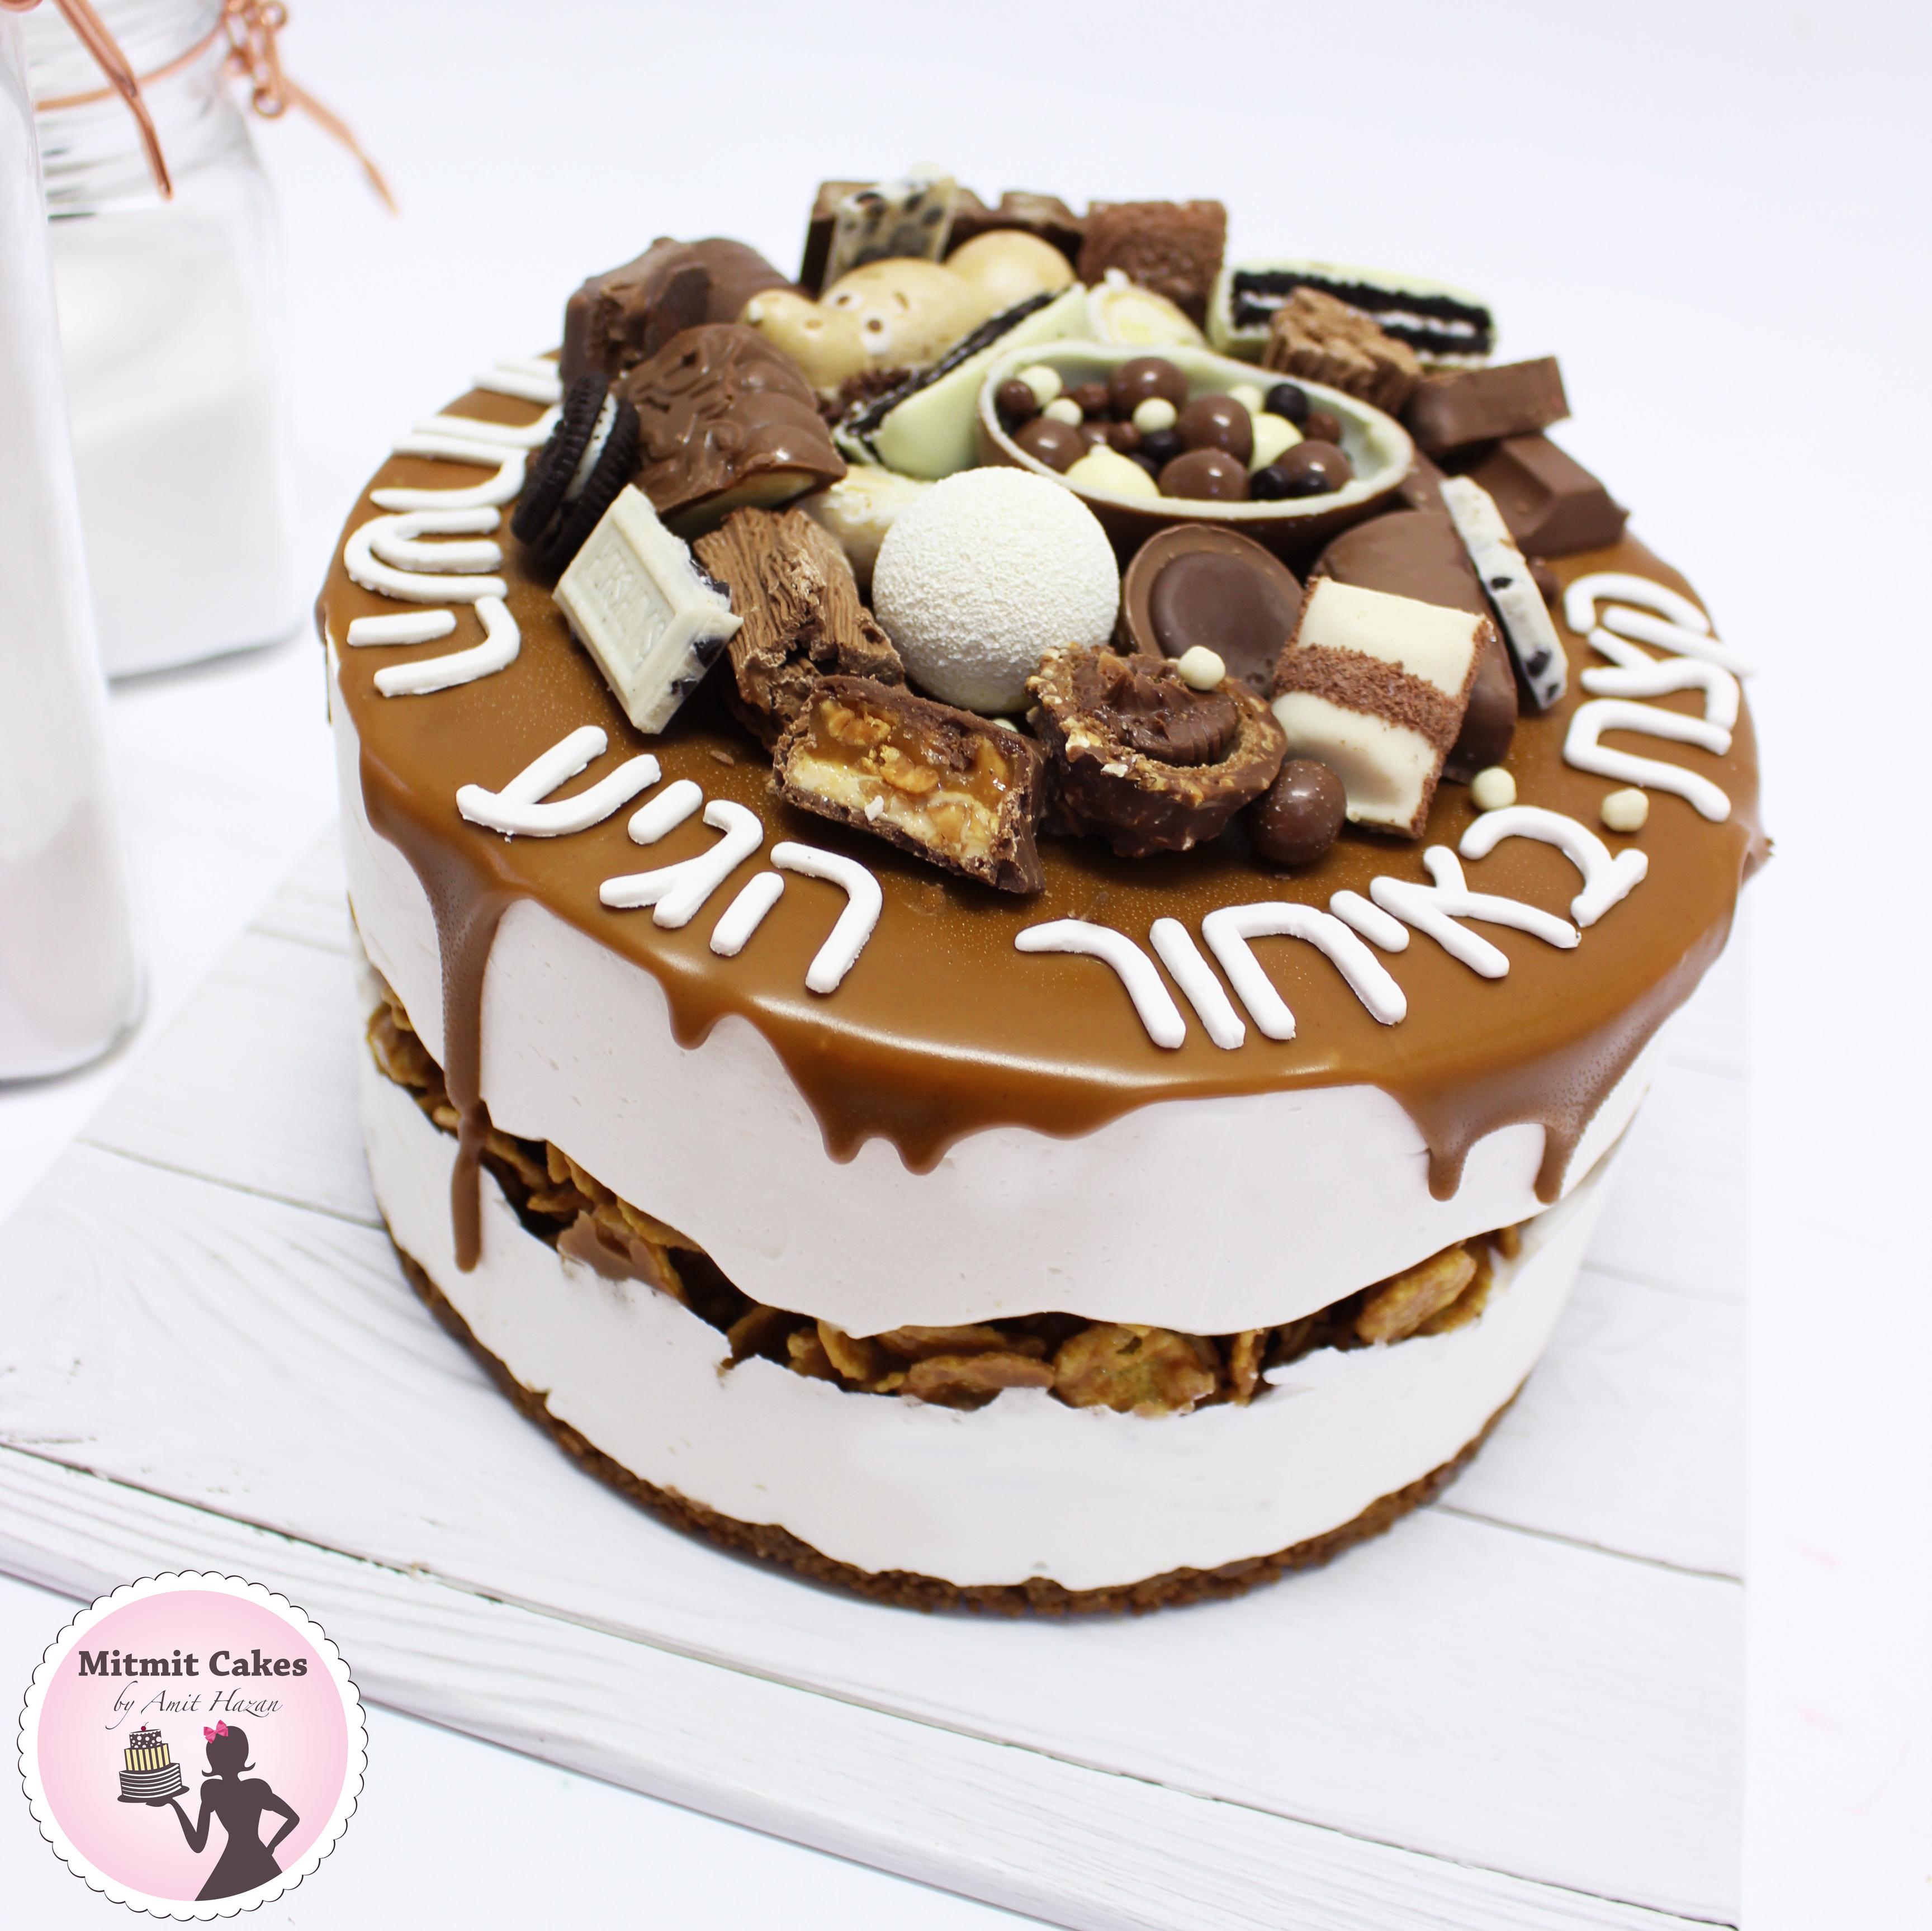 עוגת שחרור מהצבא מוס מסקרפונה